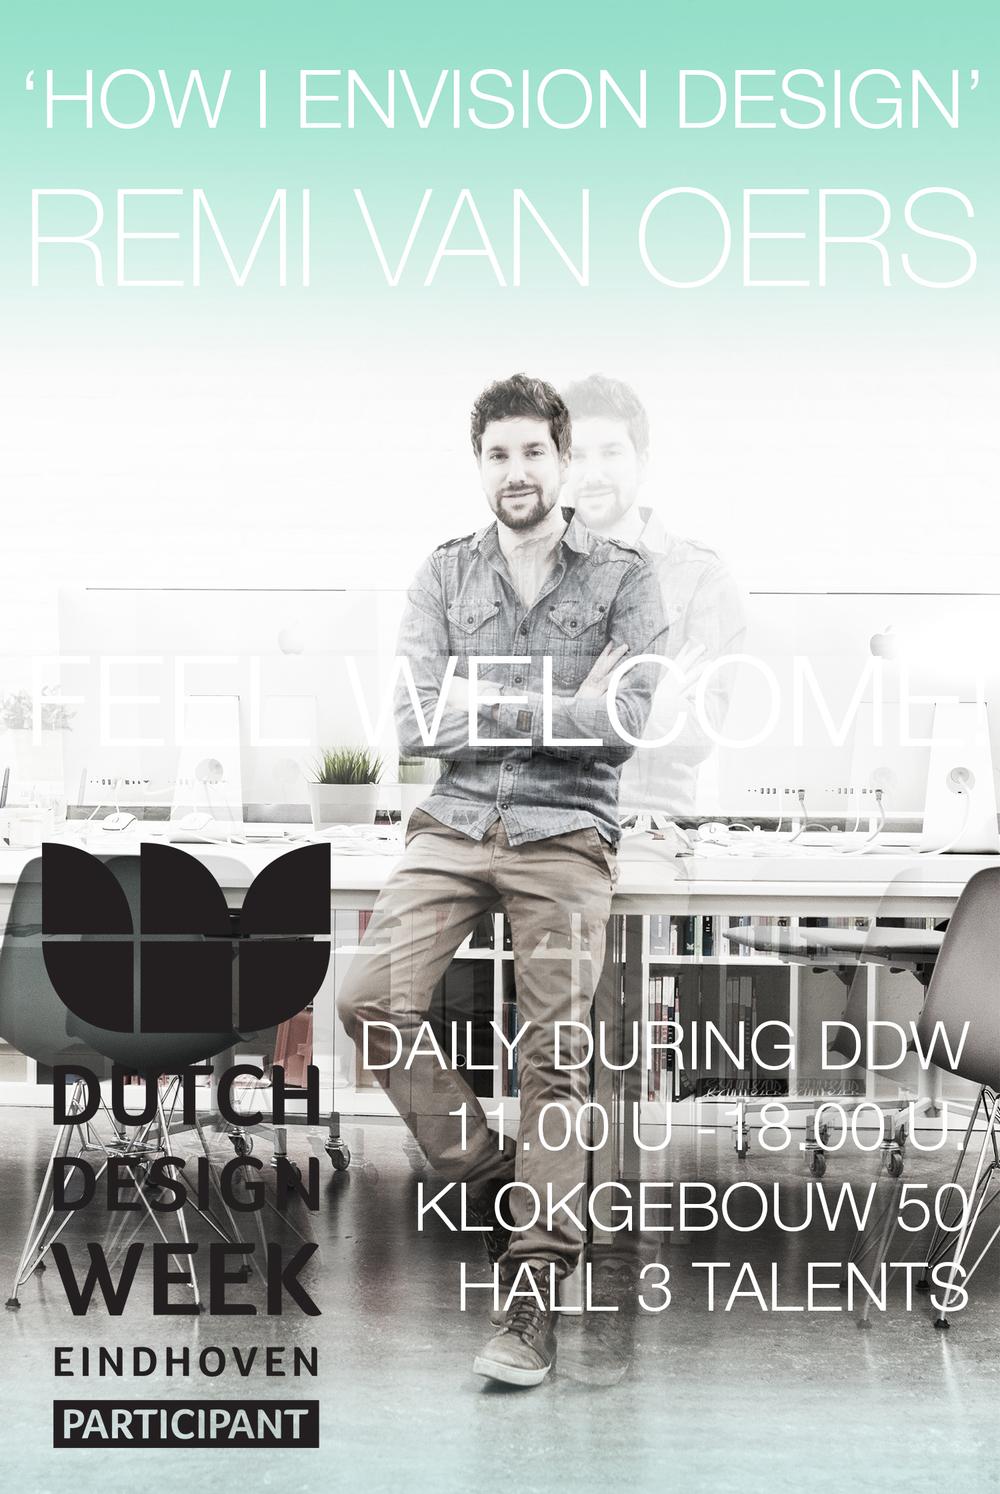 Invitation DDW 2014 Remi van Oers.jpg